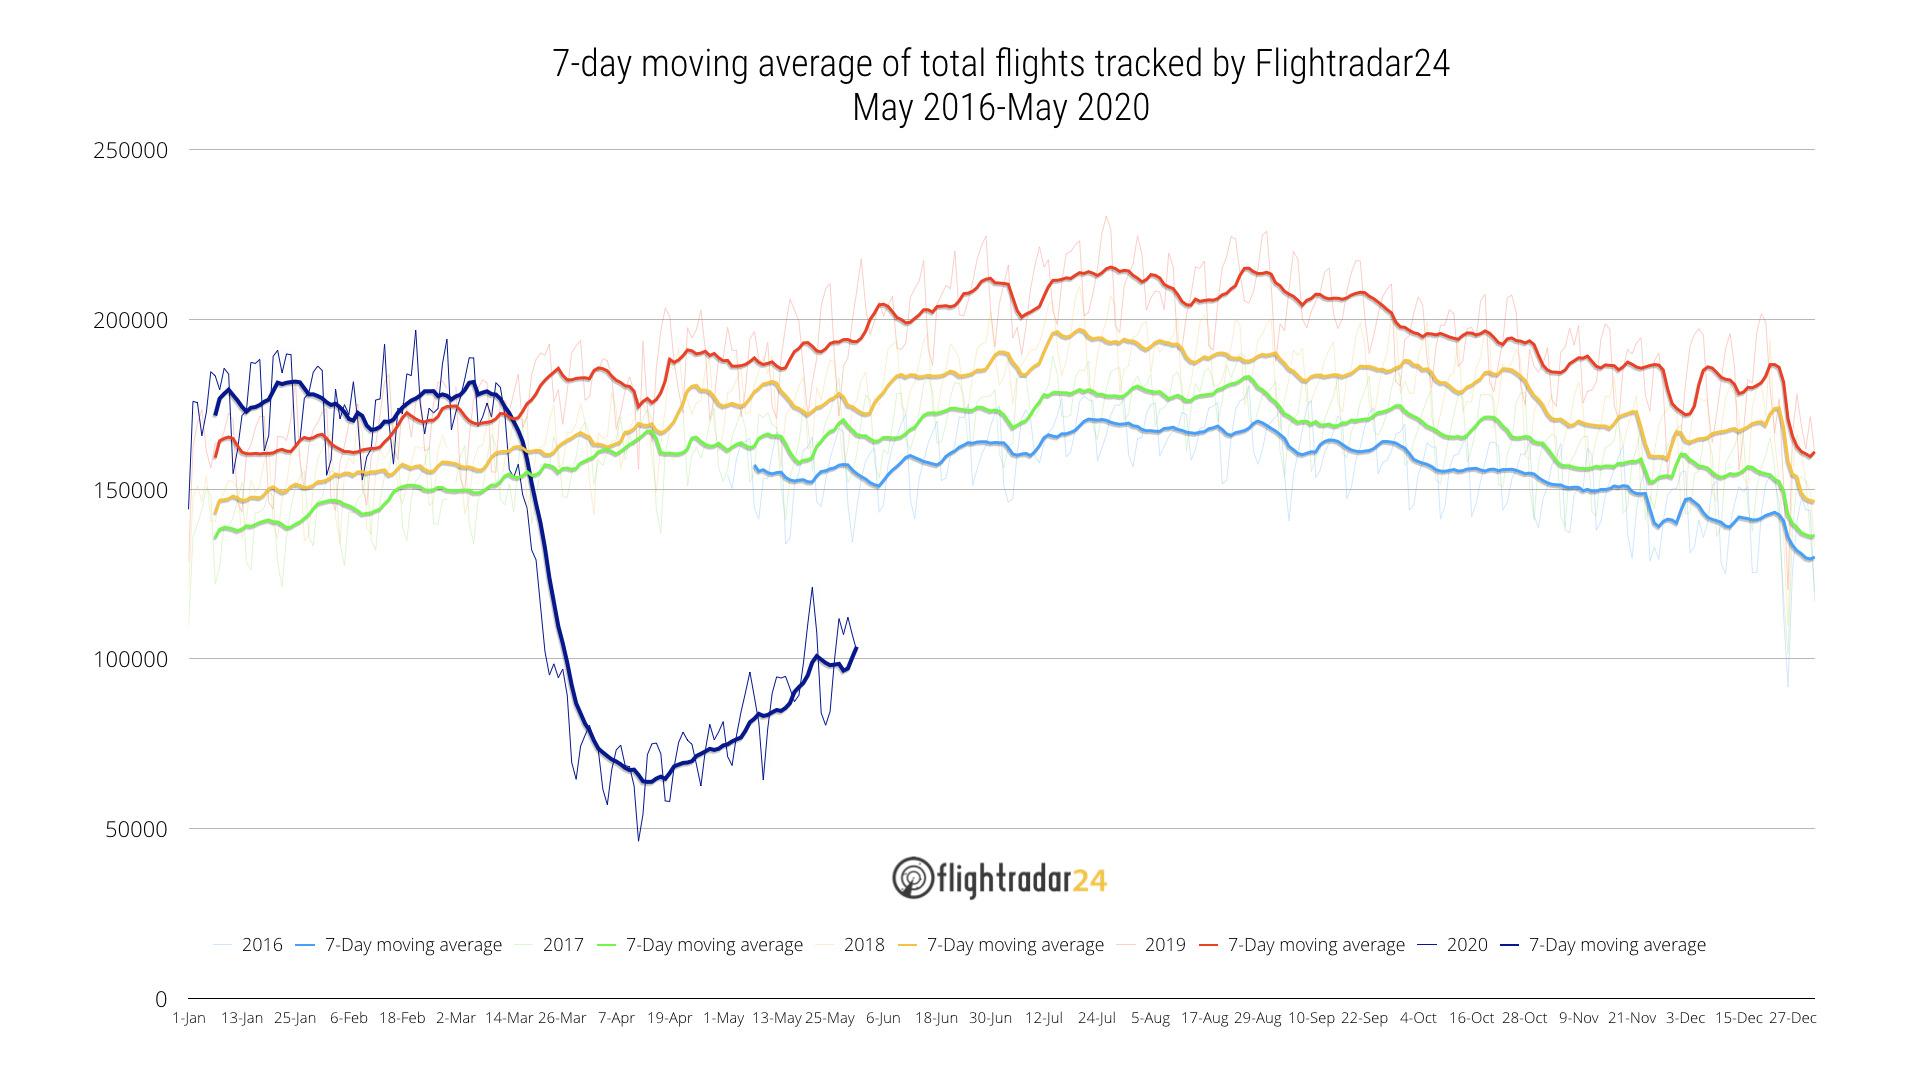 May 2016-May 2020 Total Flights